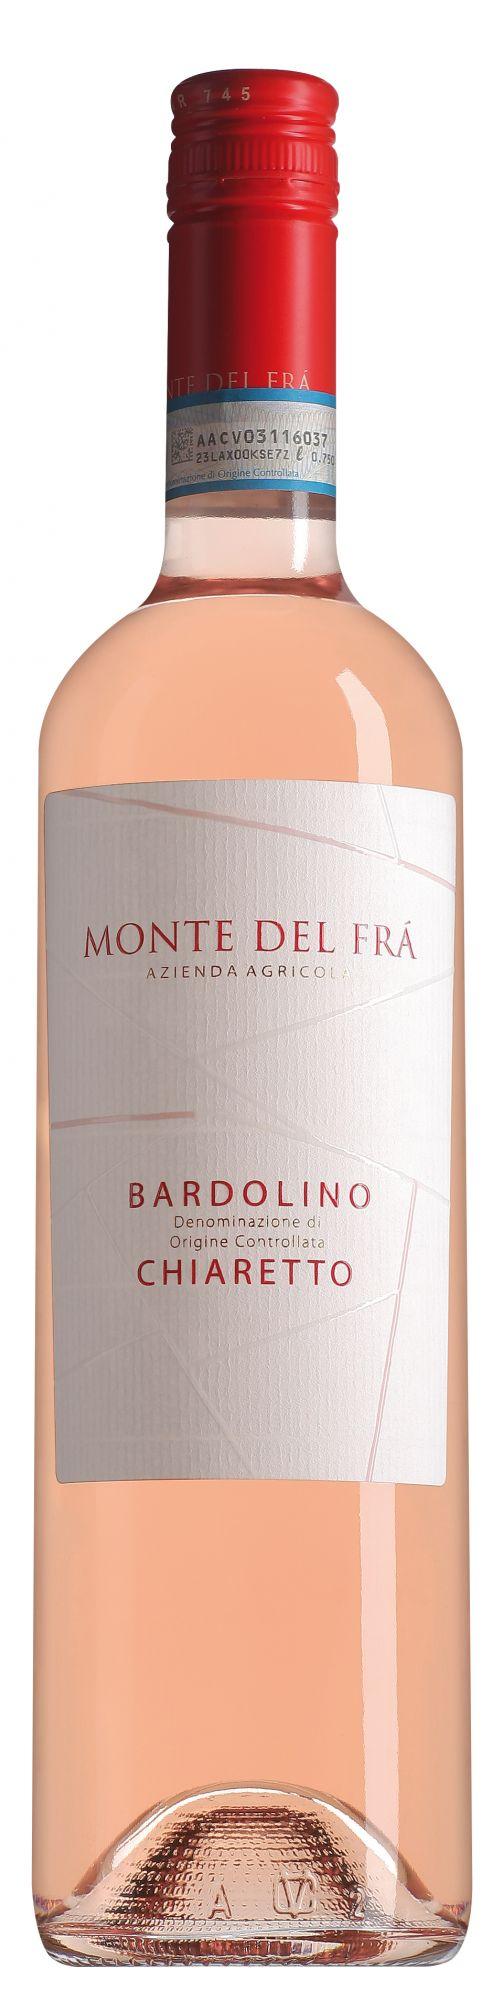 Monte del Frà Bardolino Chiaretto rosato